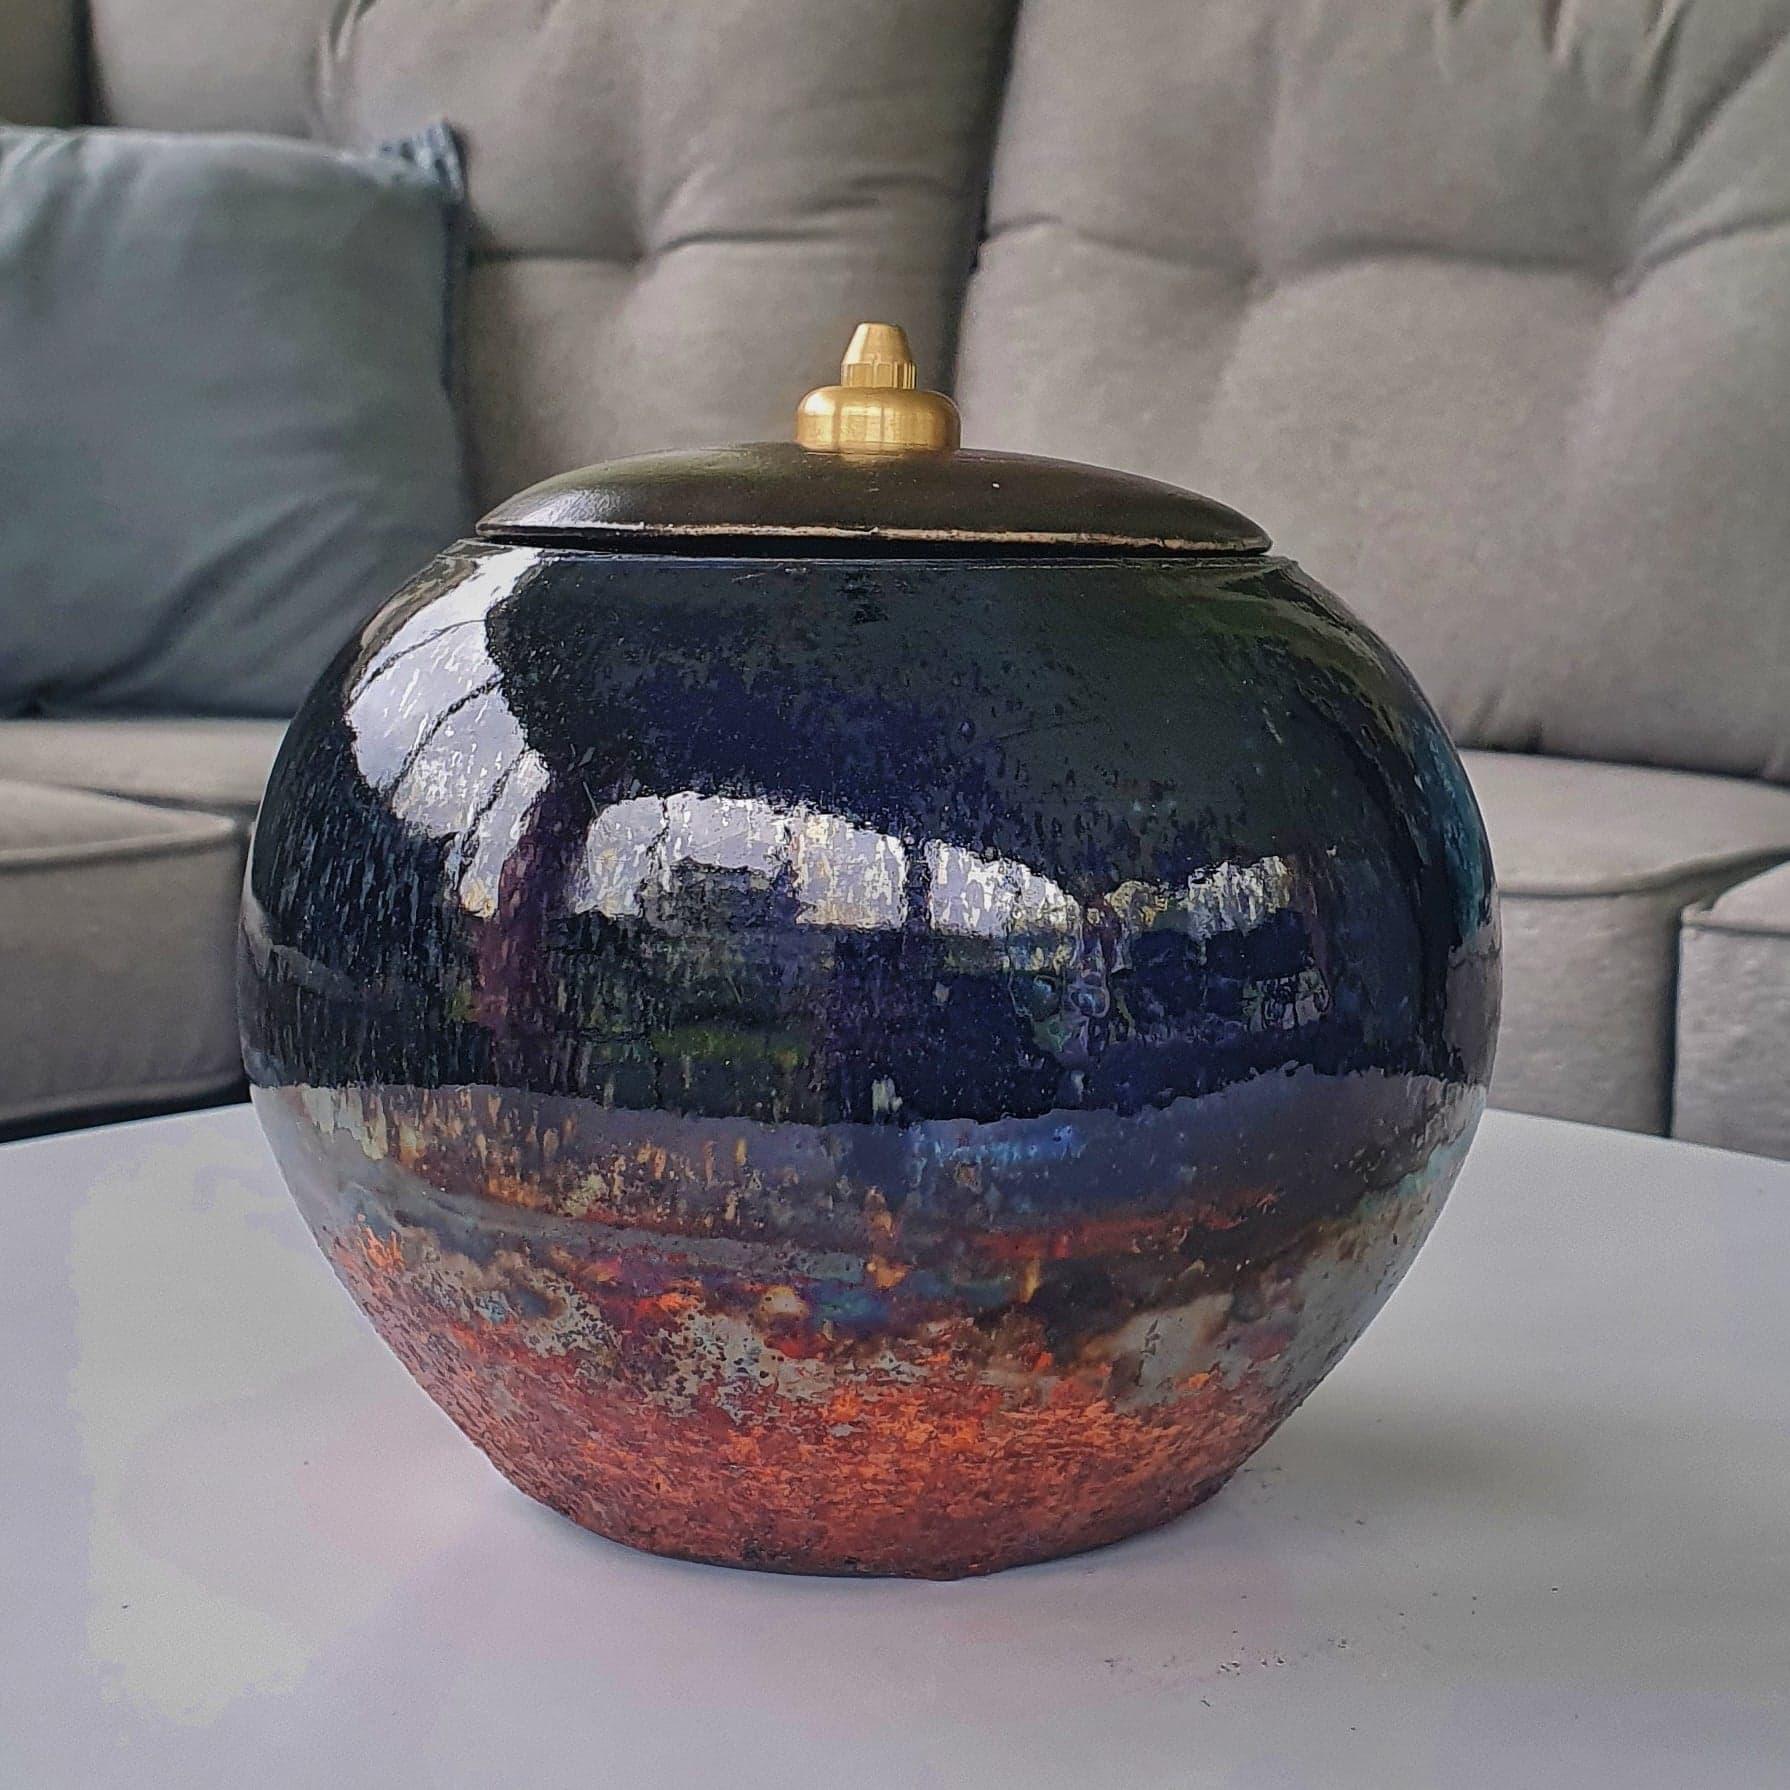 Klotformad akubränd oljelampa. Blåsvart med kopparutfällningar och skiftningar i blått, silver, grönt och rött